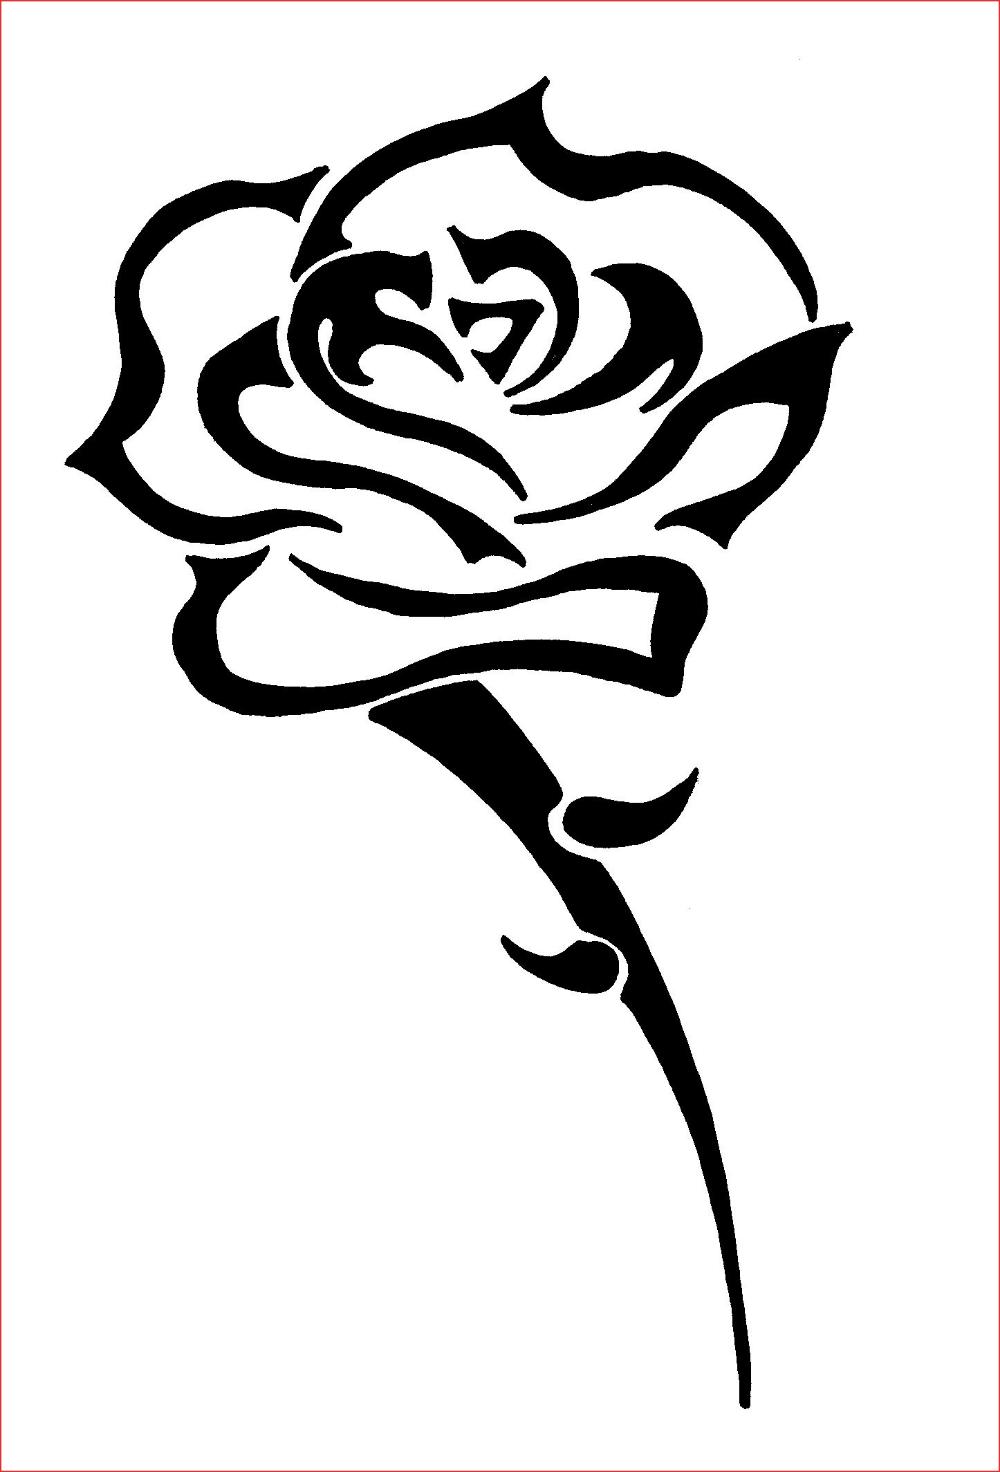 Dessin Original Facile A Faire Beau Dessin De Rose Facile A Faire Beau Fleur Facile A Dessiner Firstfridaytrolle Tribal Rose Tattoos Tribal Rose Rose Tattoos